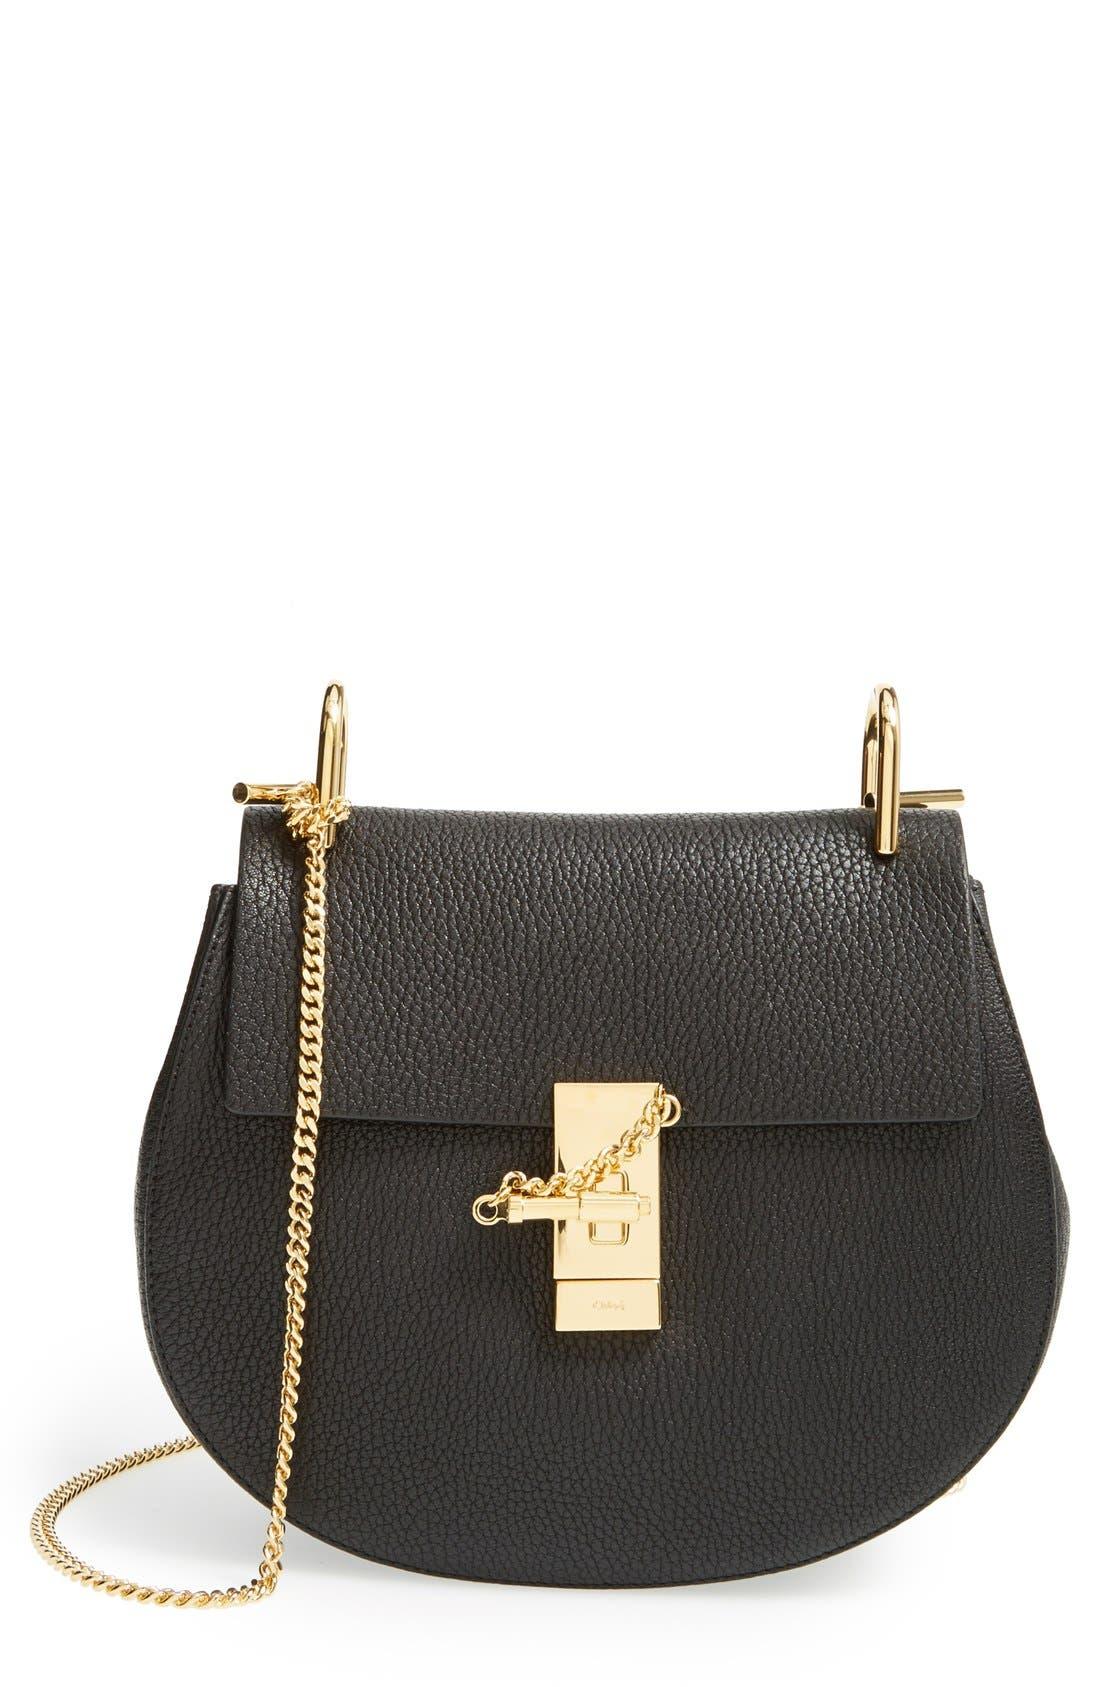 Chloé Drew Leather Shoulder Bag | Nordstrom